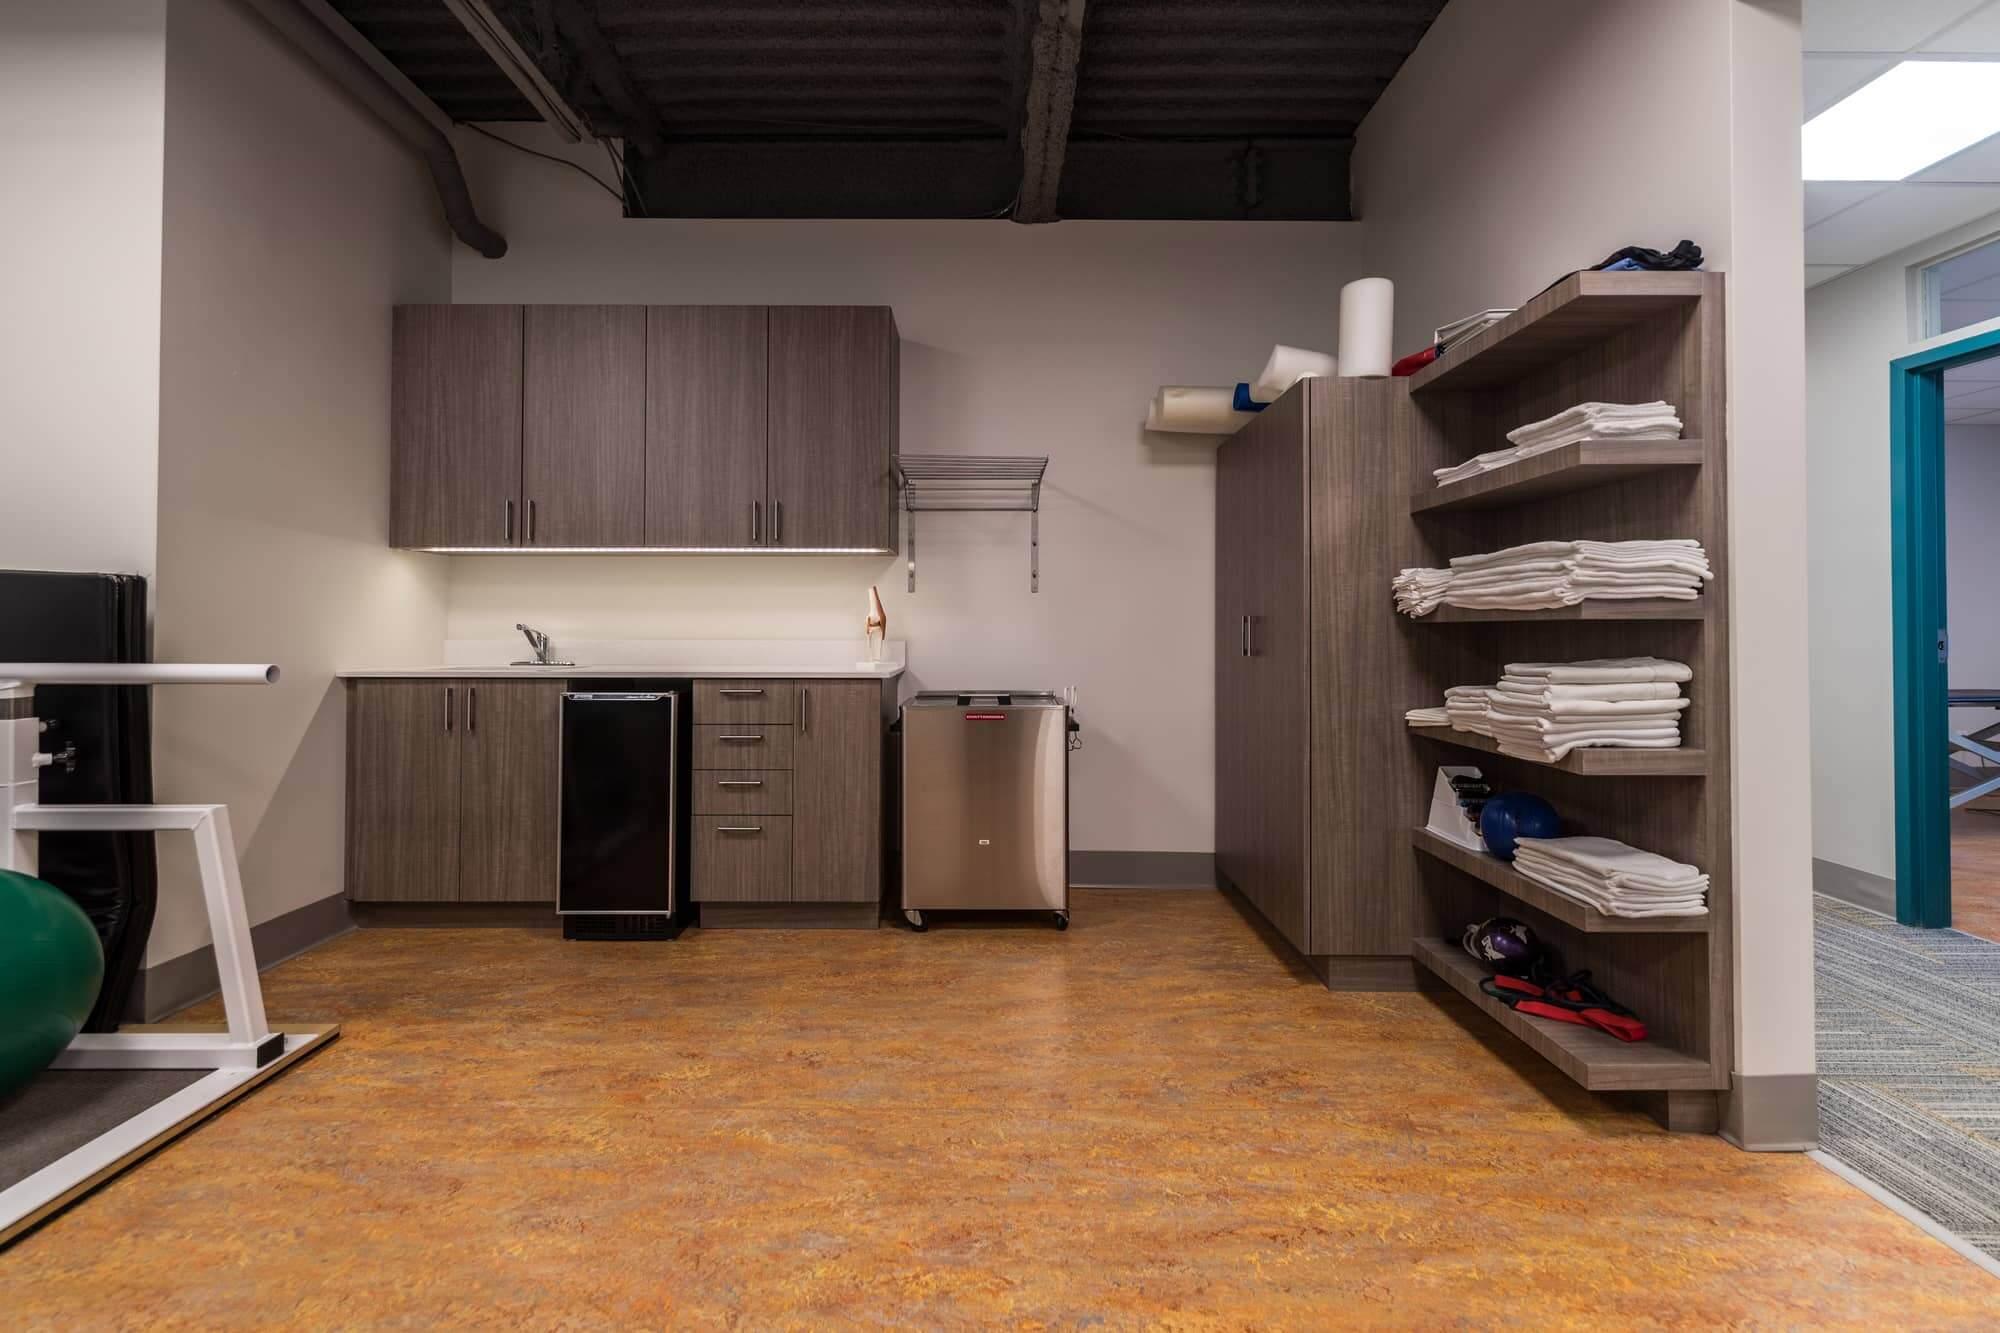 Salle de réadaptation d'une clinique de physiothérapie avec armoires et rangements étagés